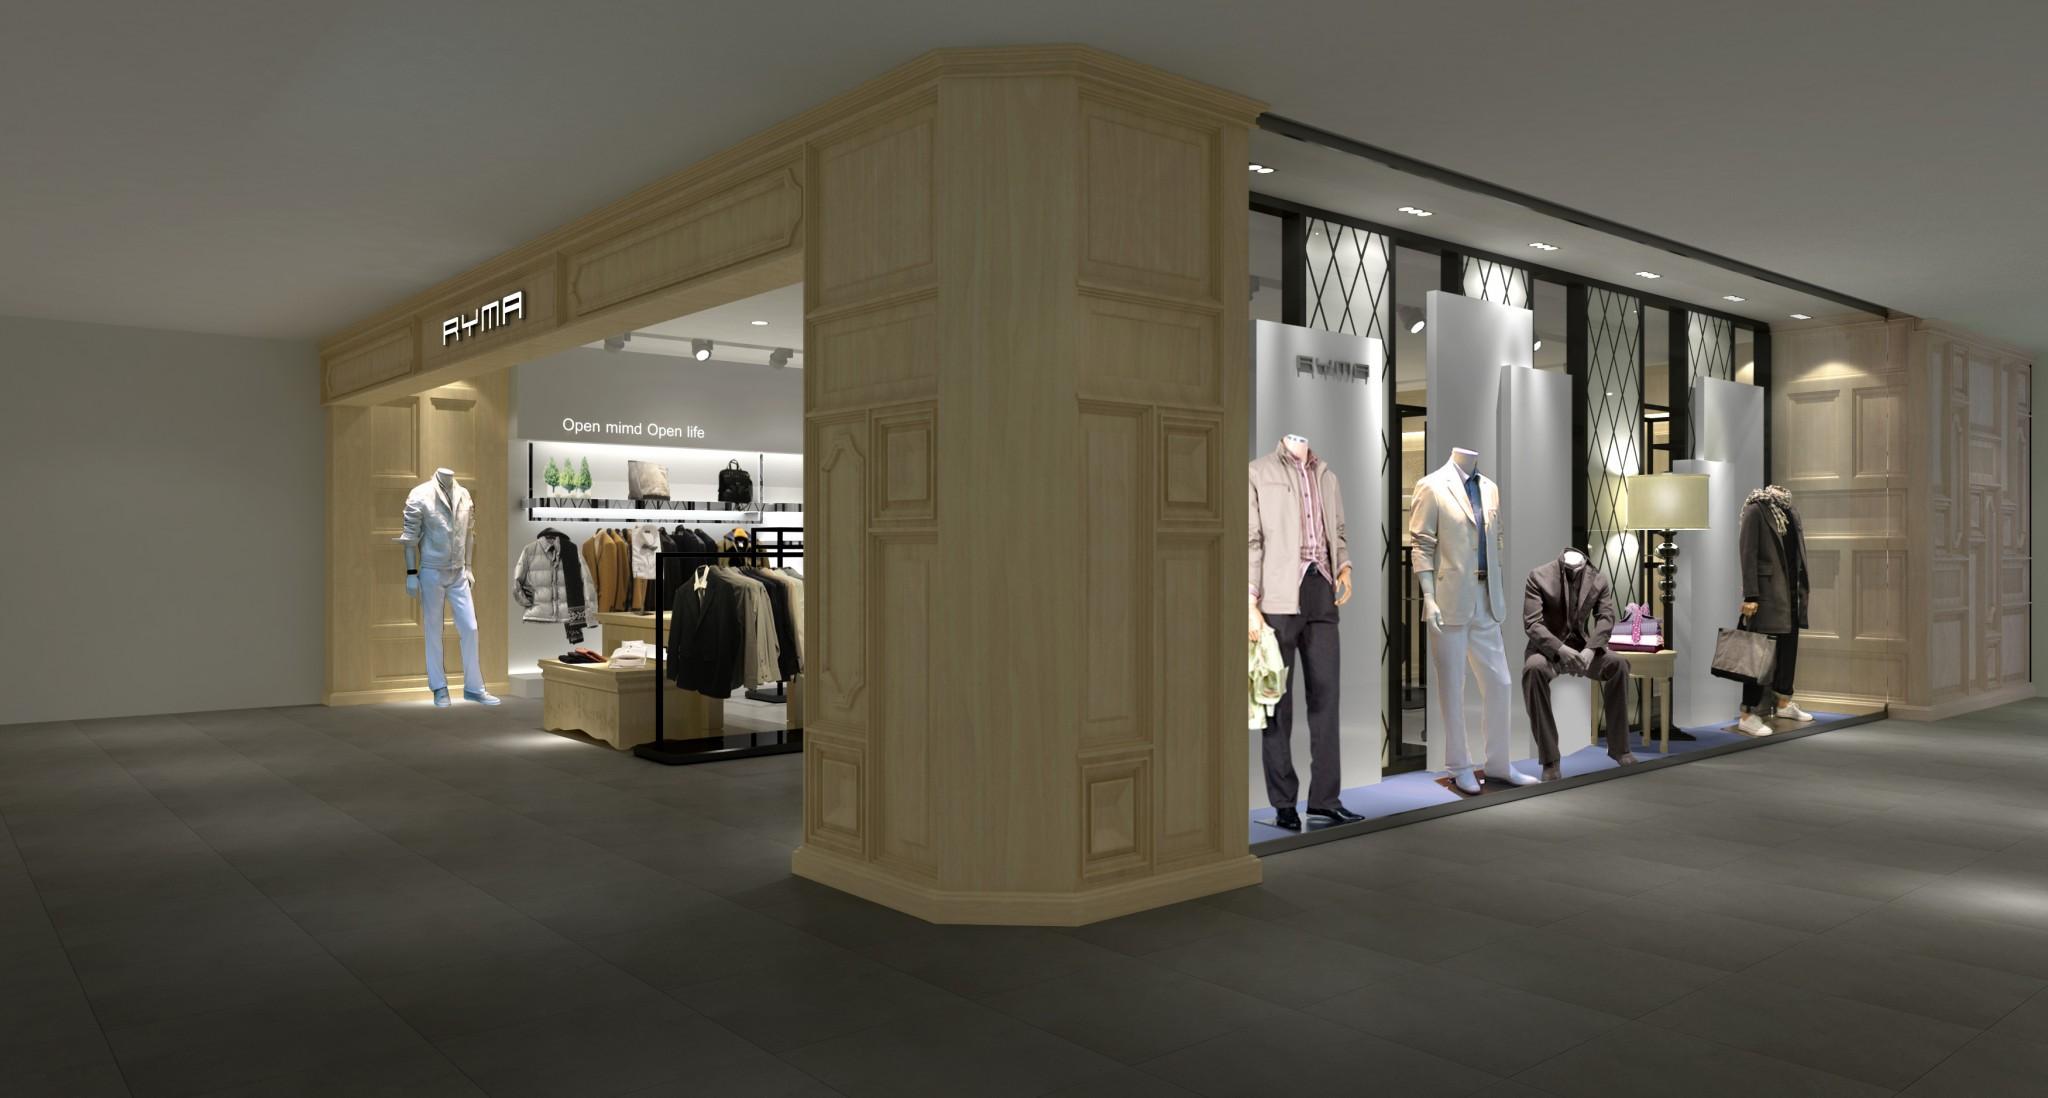 太子龙集团瑞玛服饰-新零售空间设计-杭州达岸品牌策划设计公司